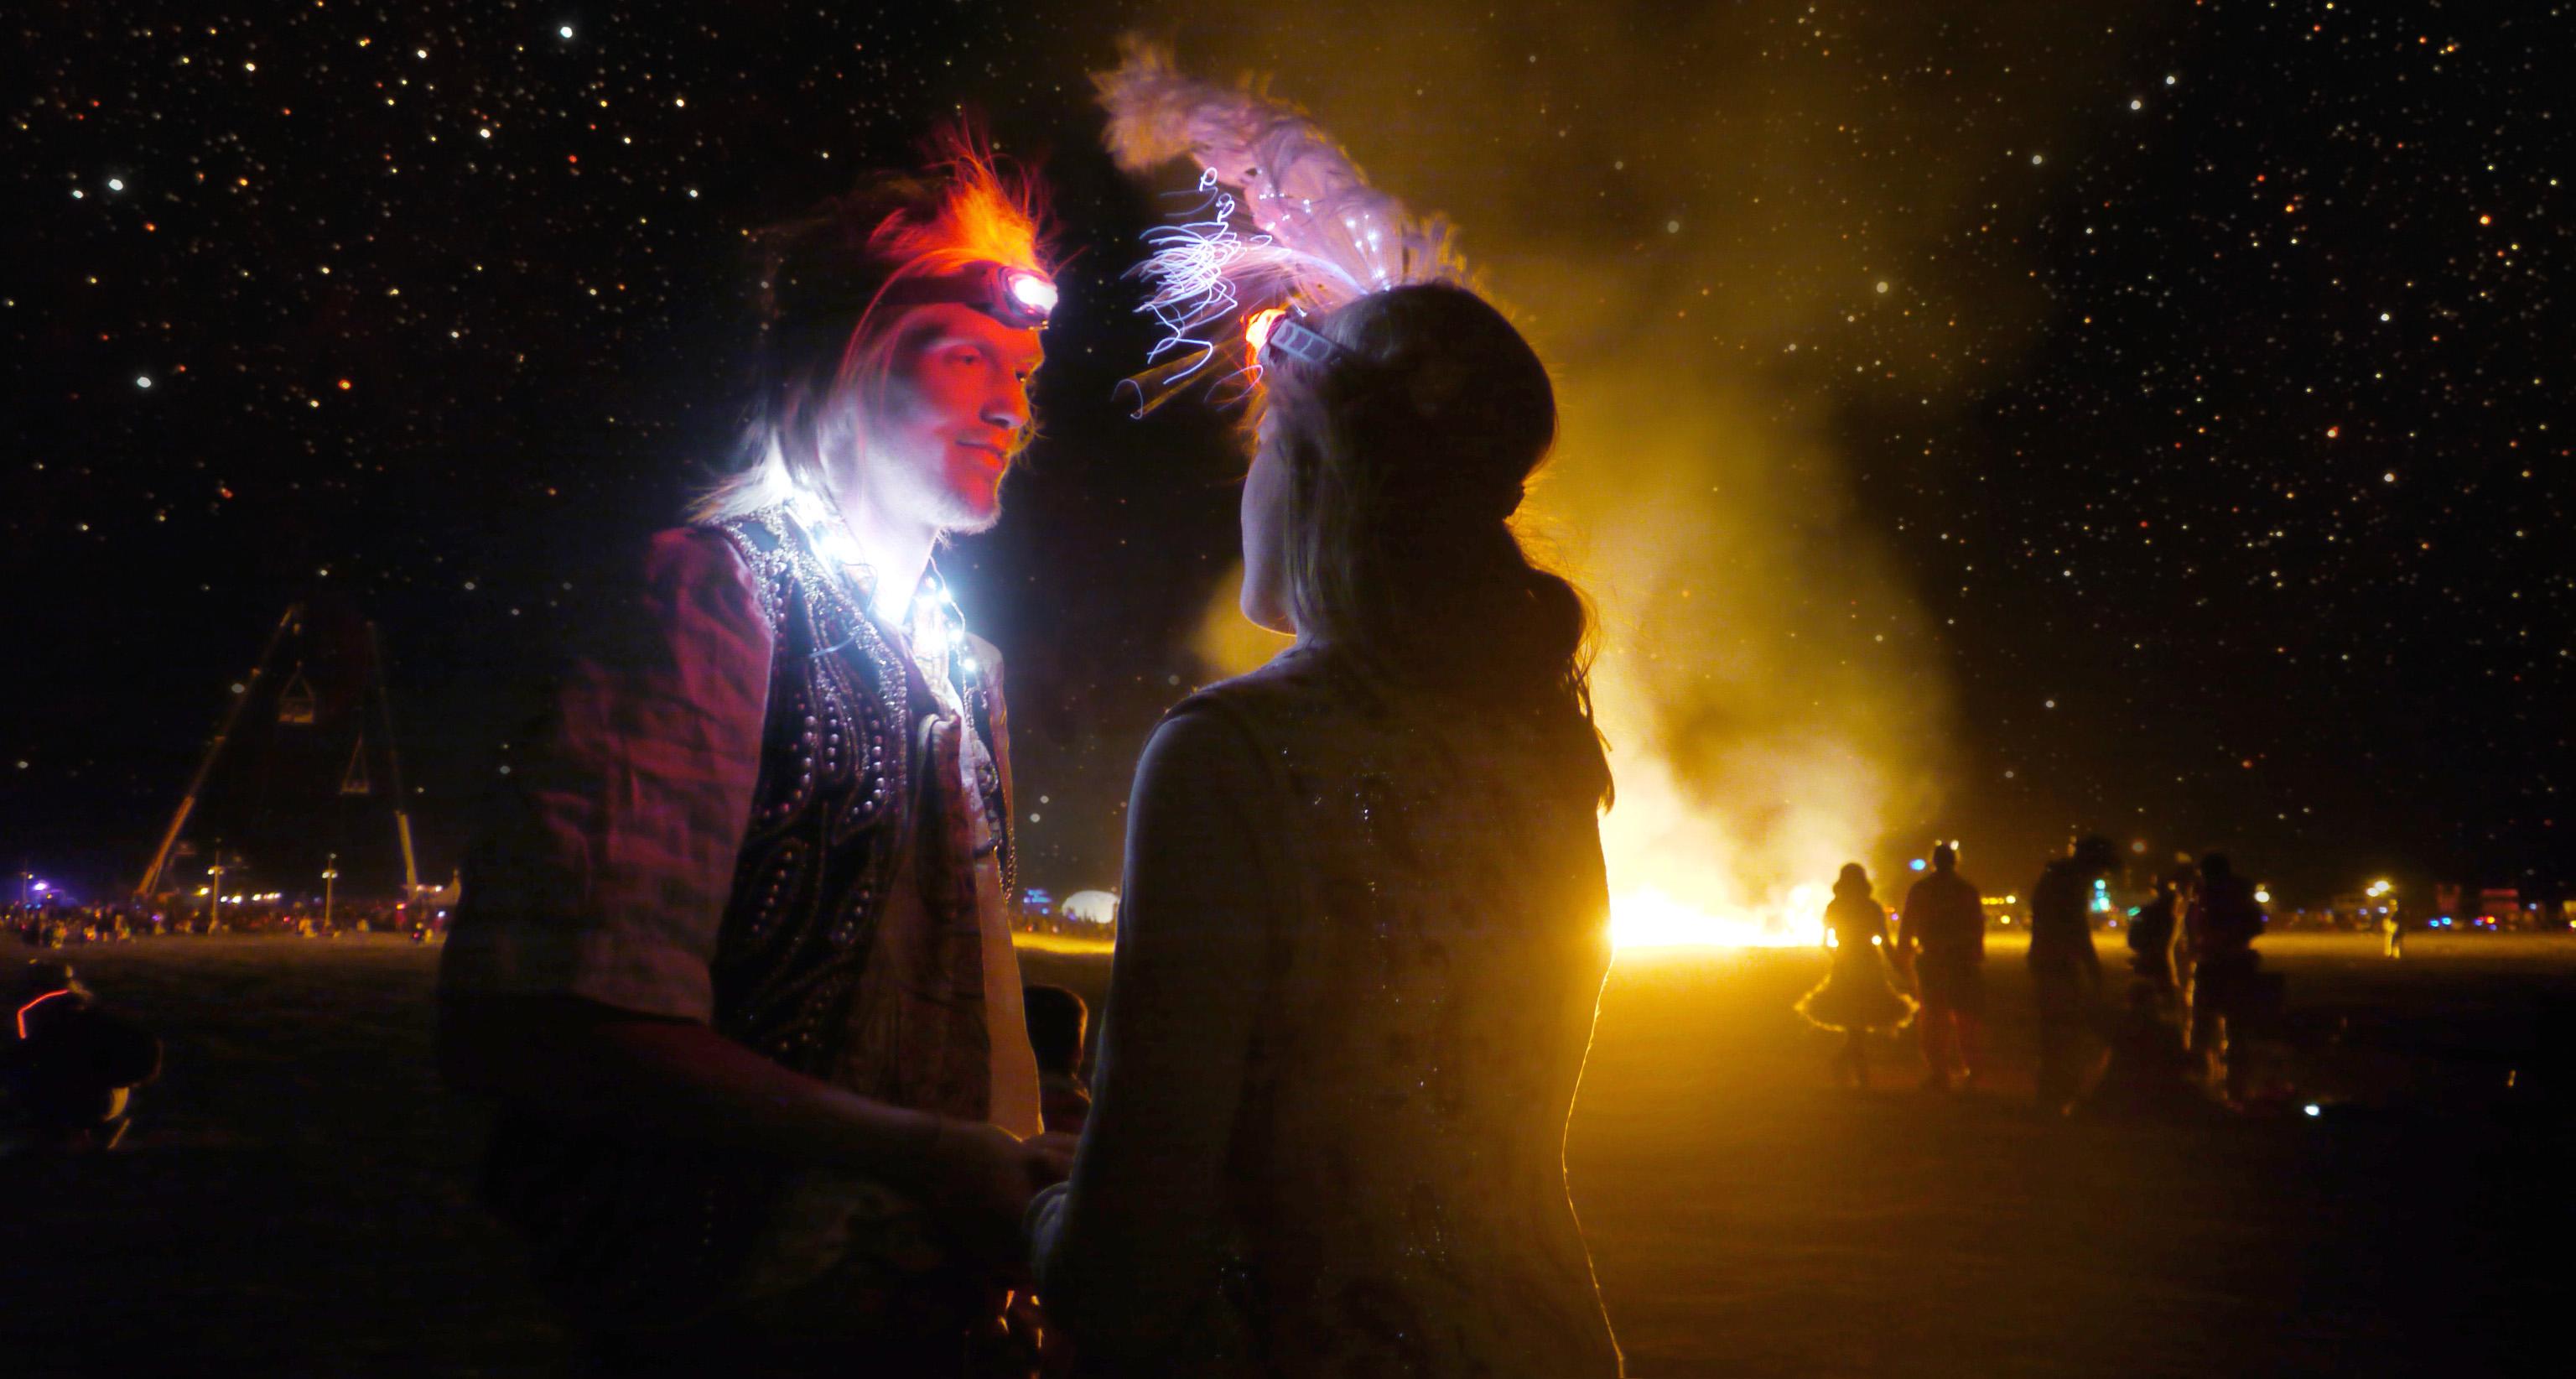 Burning Man 2009 Arin Crumley Cc Httpflic.Krp7 Av4m P